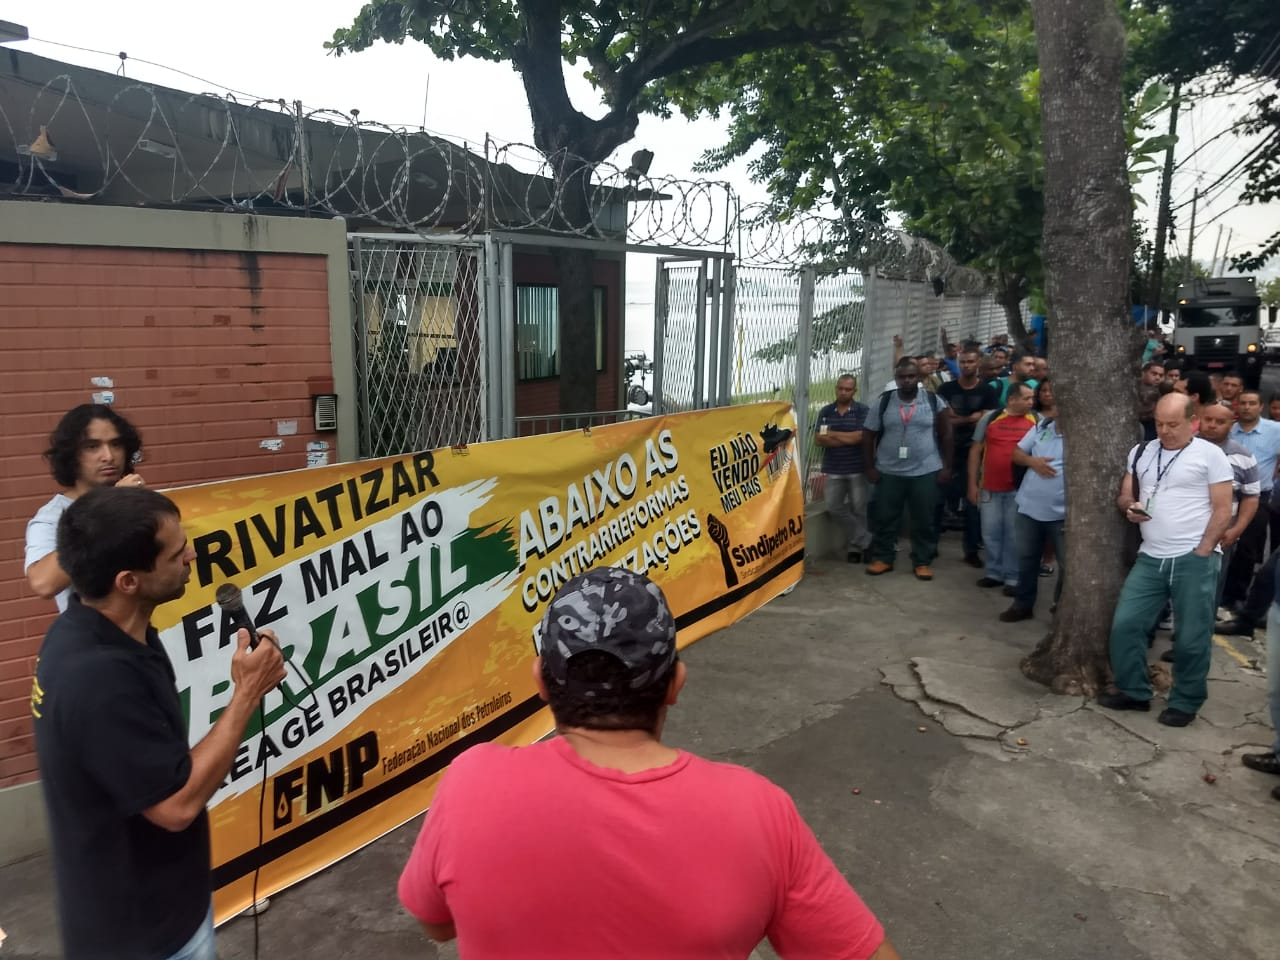 Petroleiros RJ contra a privatização IMG 20180426 WA0011